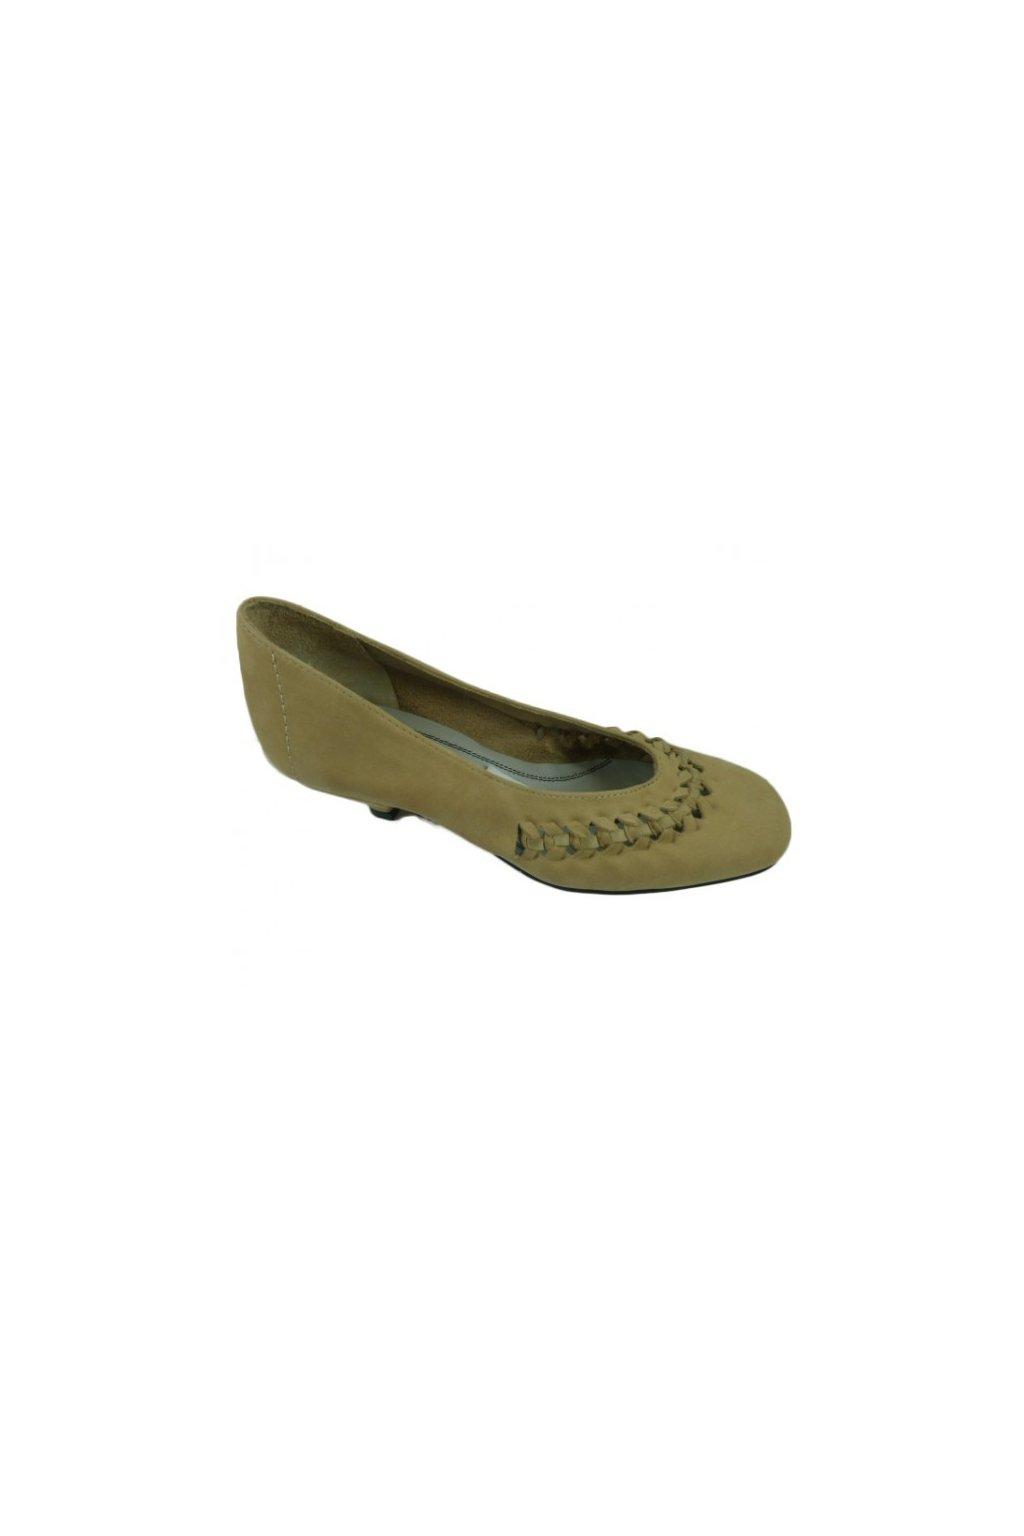 Podměrná dámská obuv Maxam 717